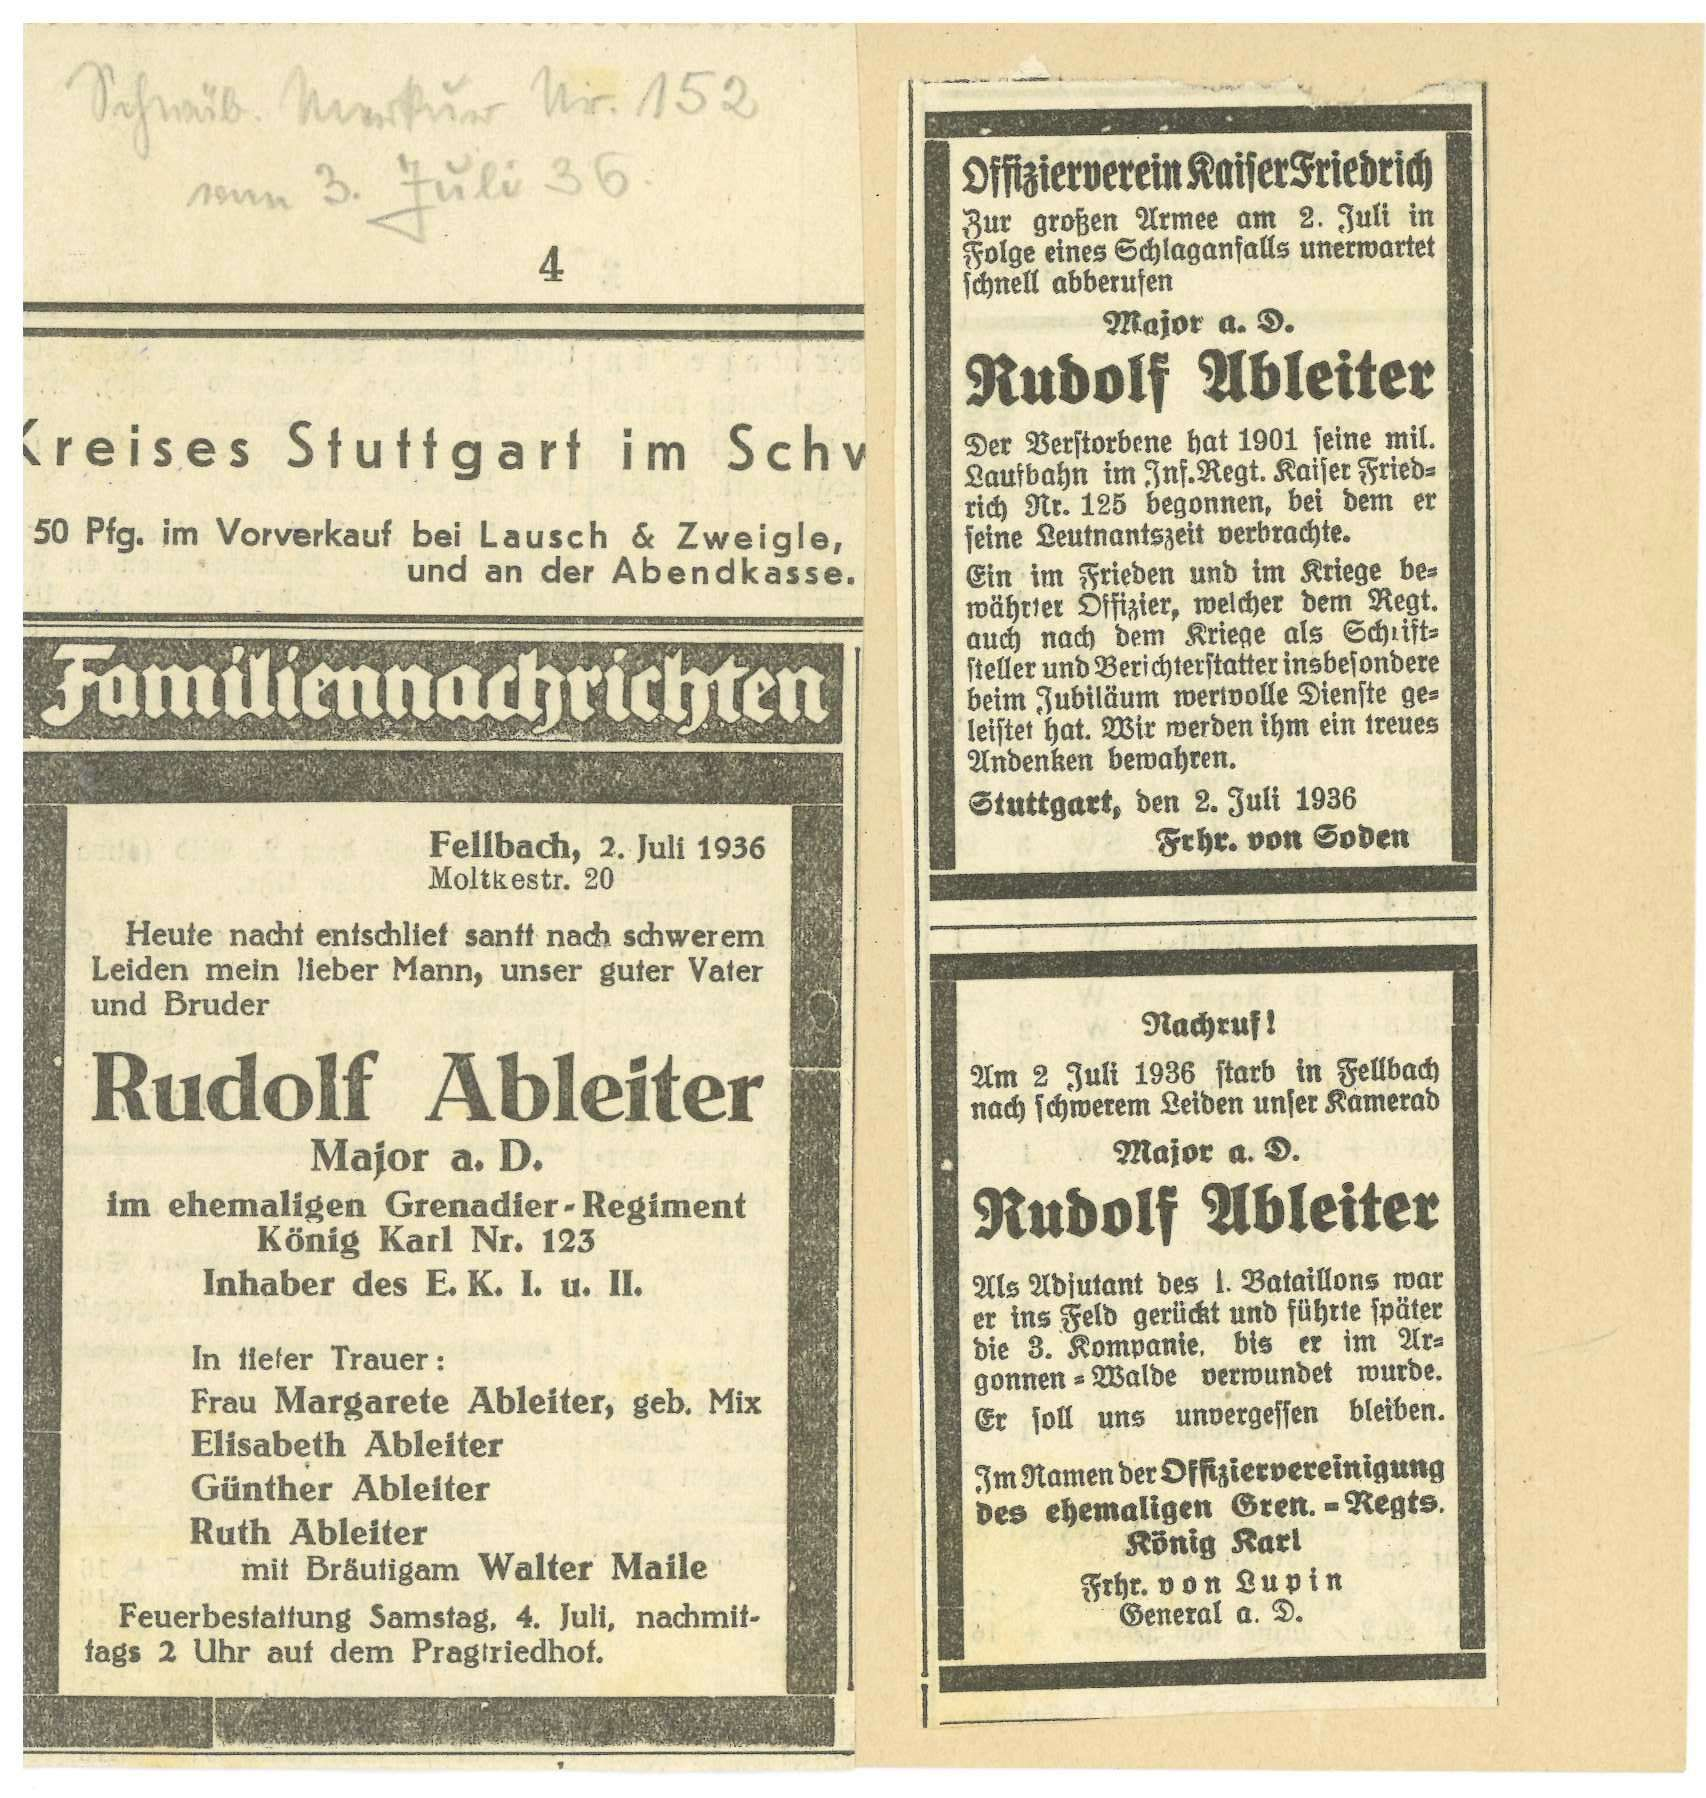 Ableiter, Rudolf, Bild 3